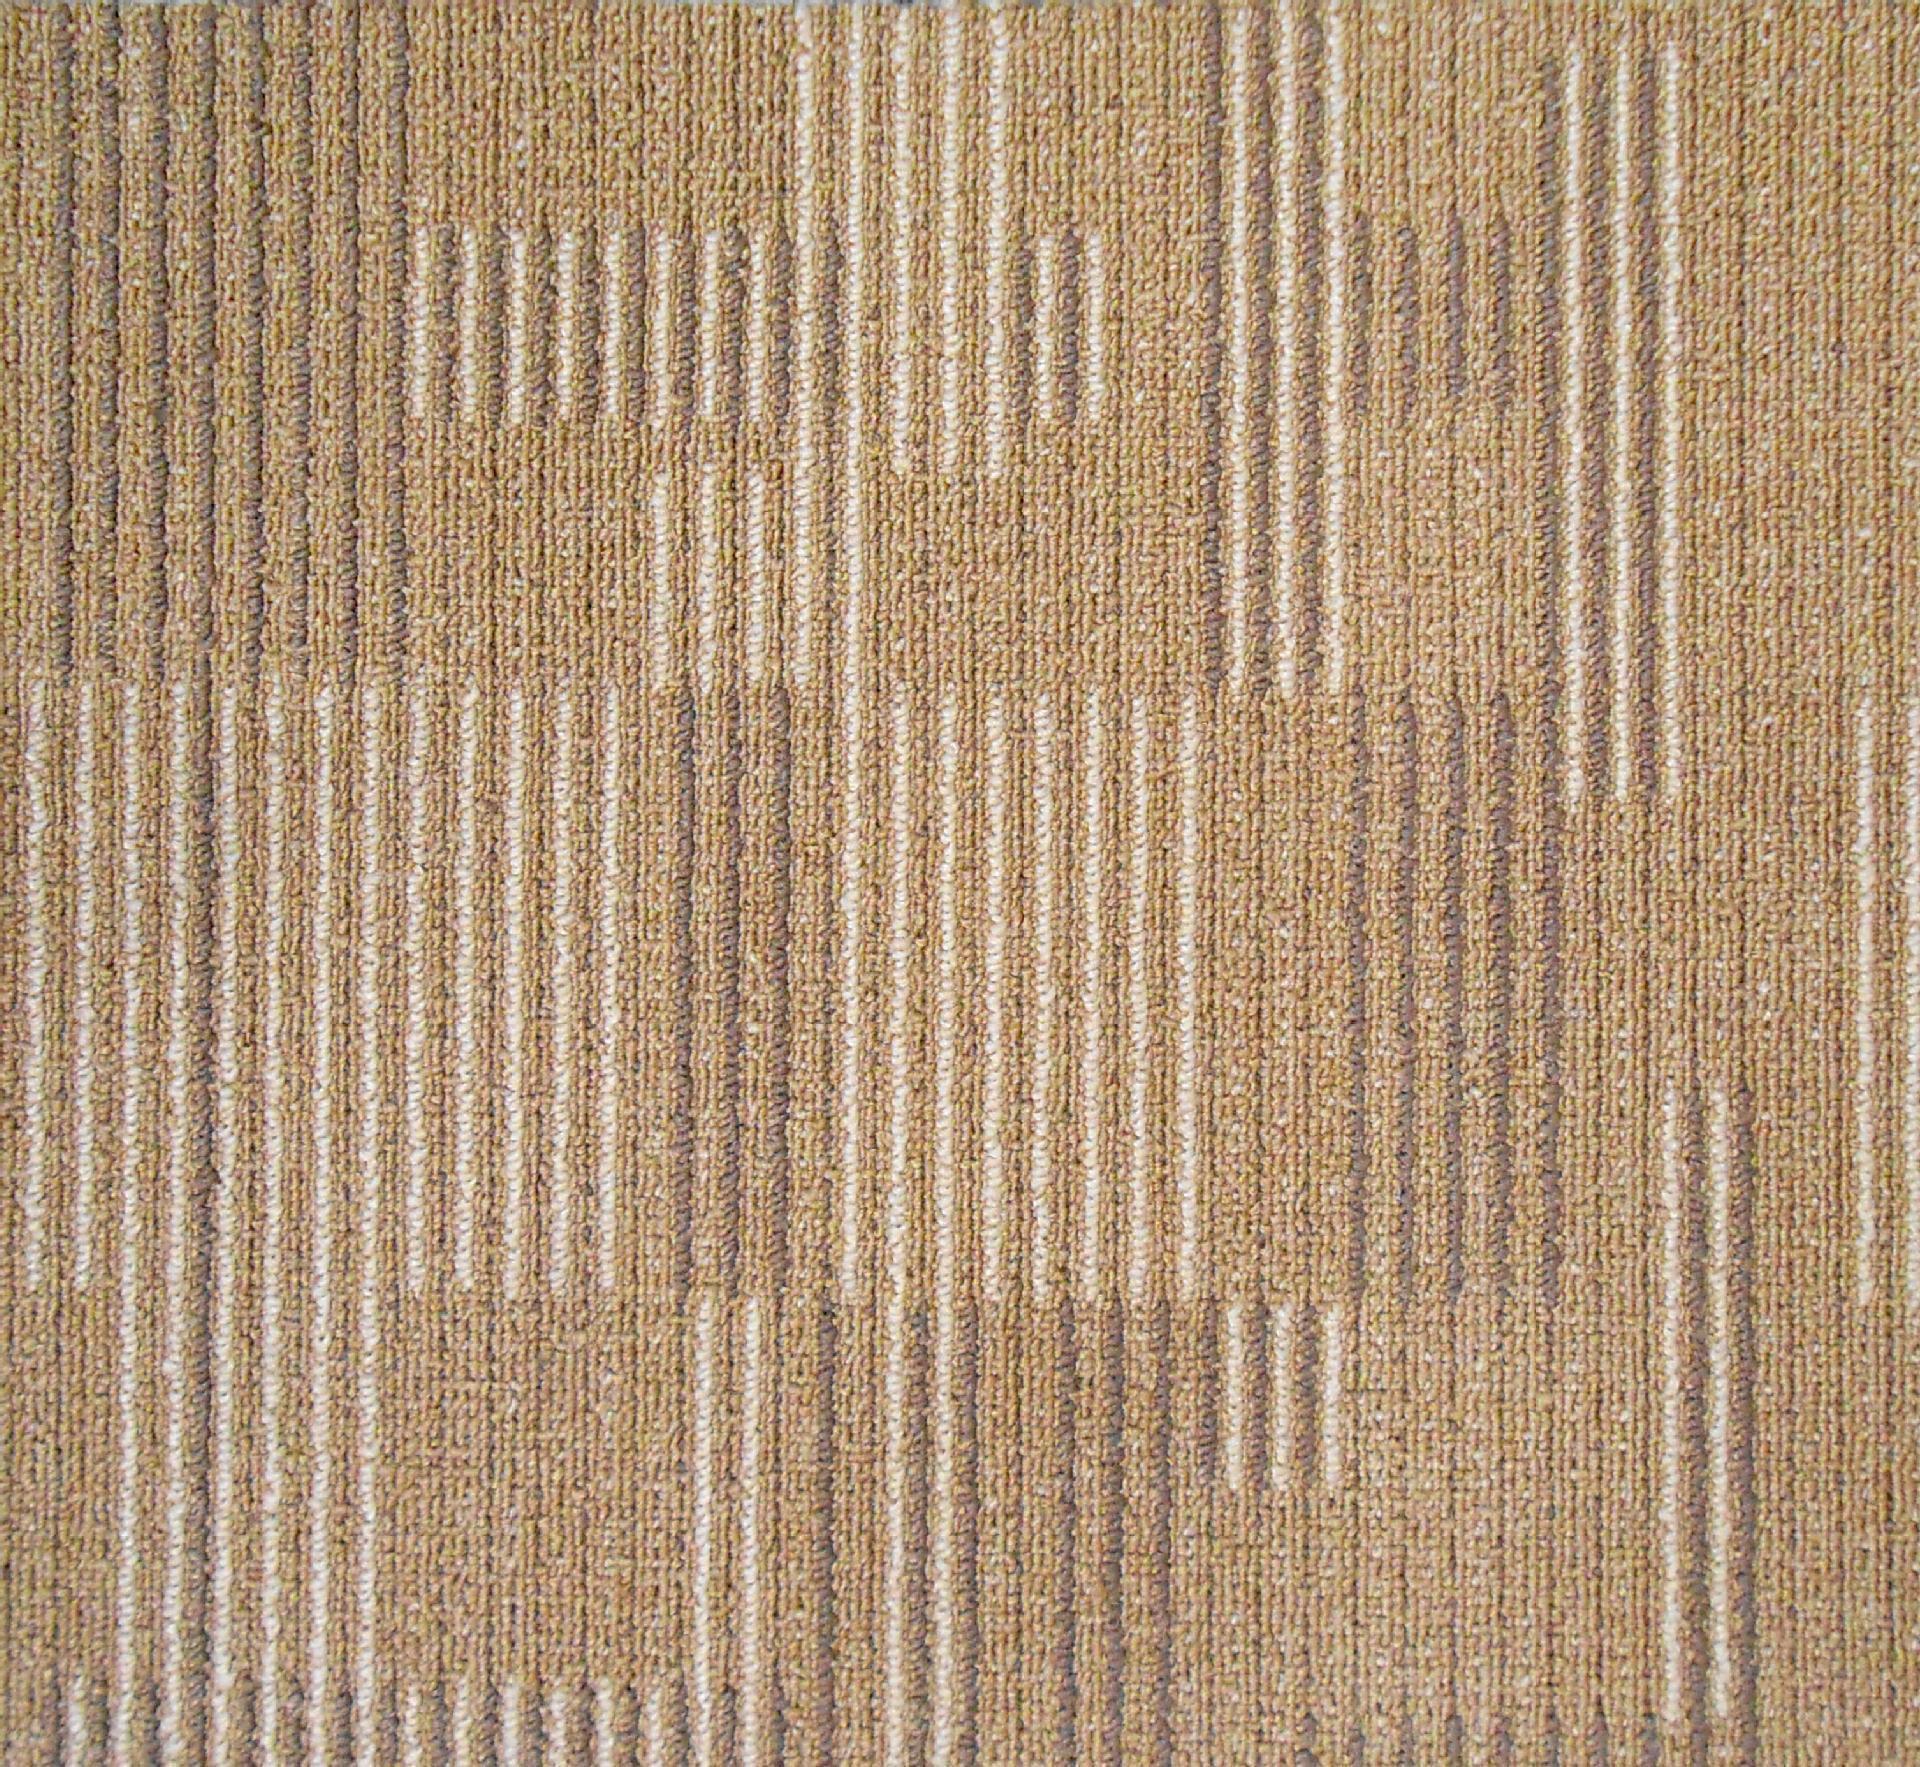 方块地毯有这么多品牌,怎么选到适合的呢